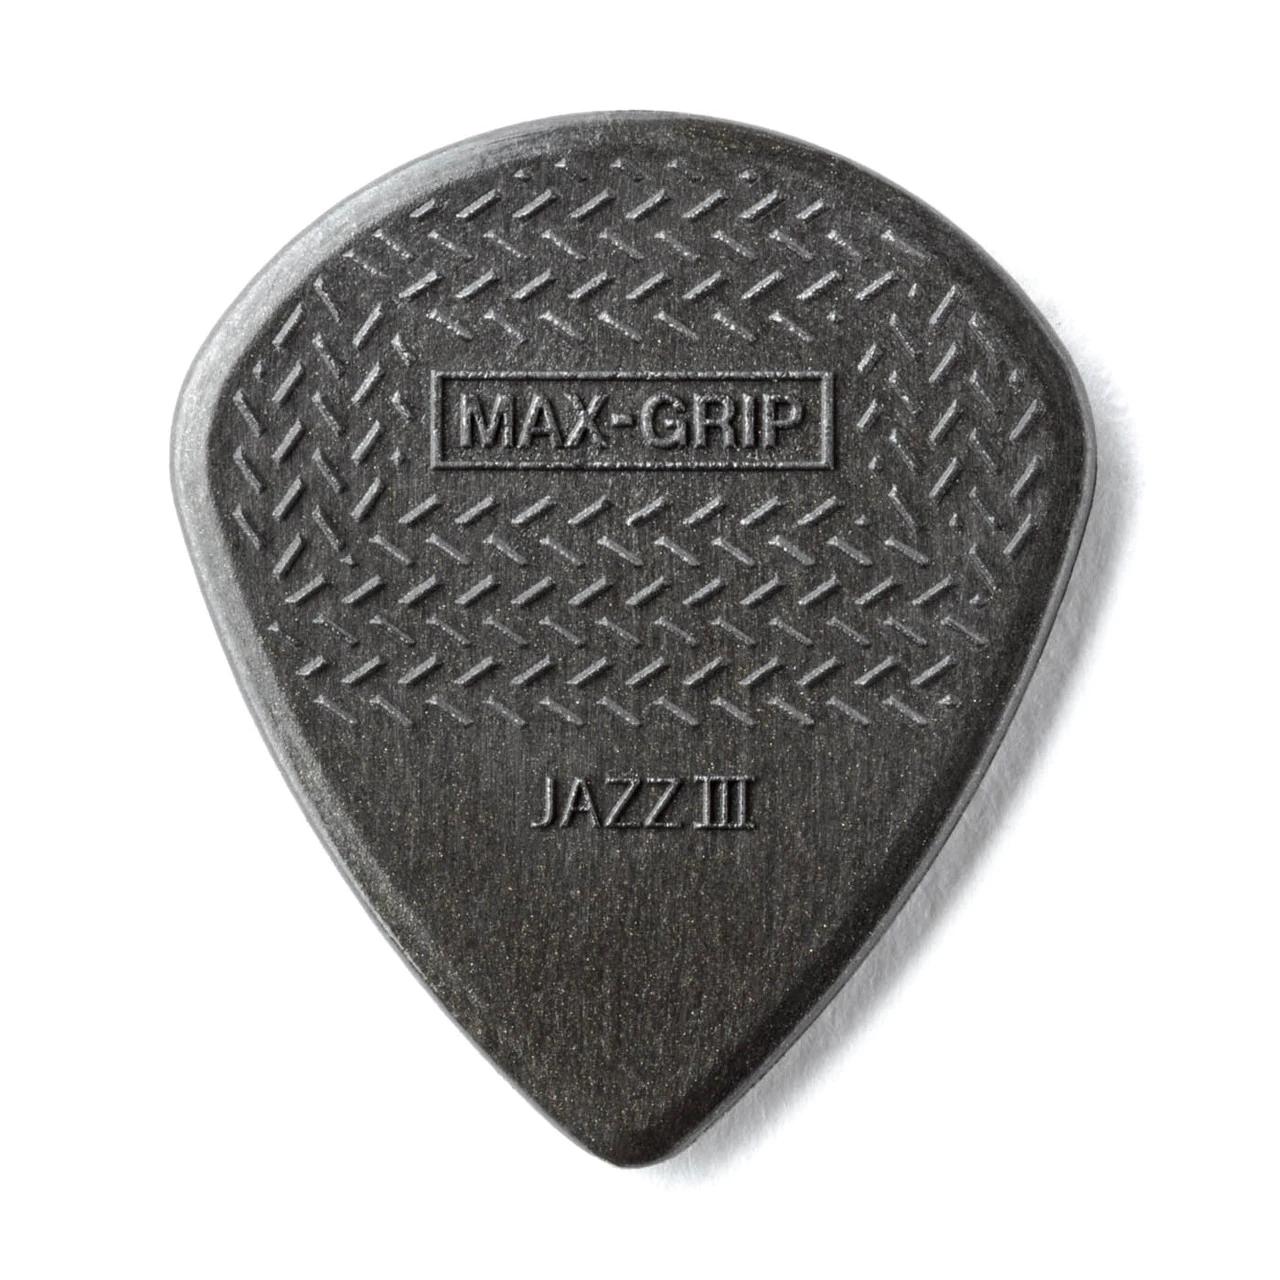 Dunlop NEW Dunlop Picks - Max Grip Jazz III - 24 Pack